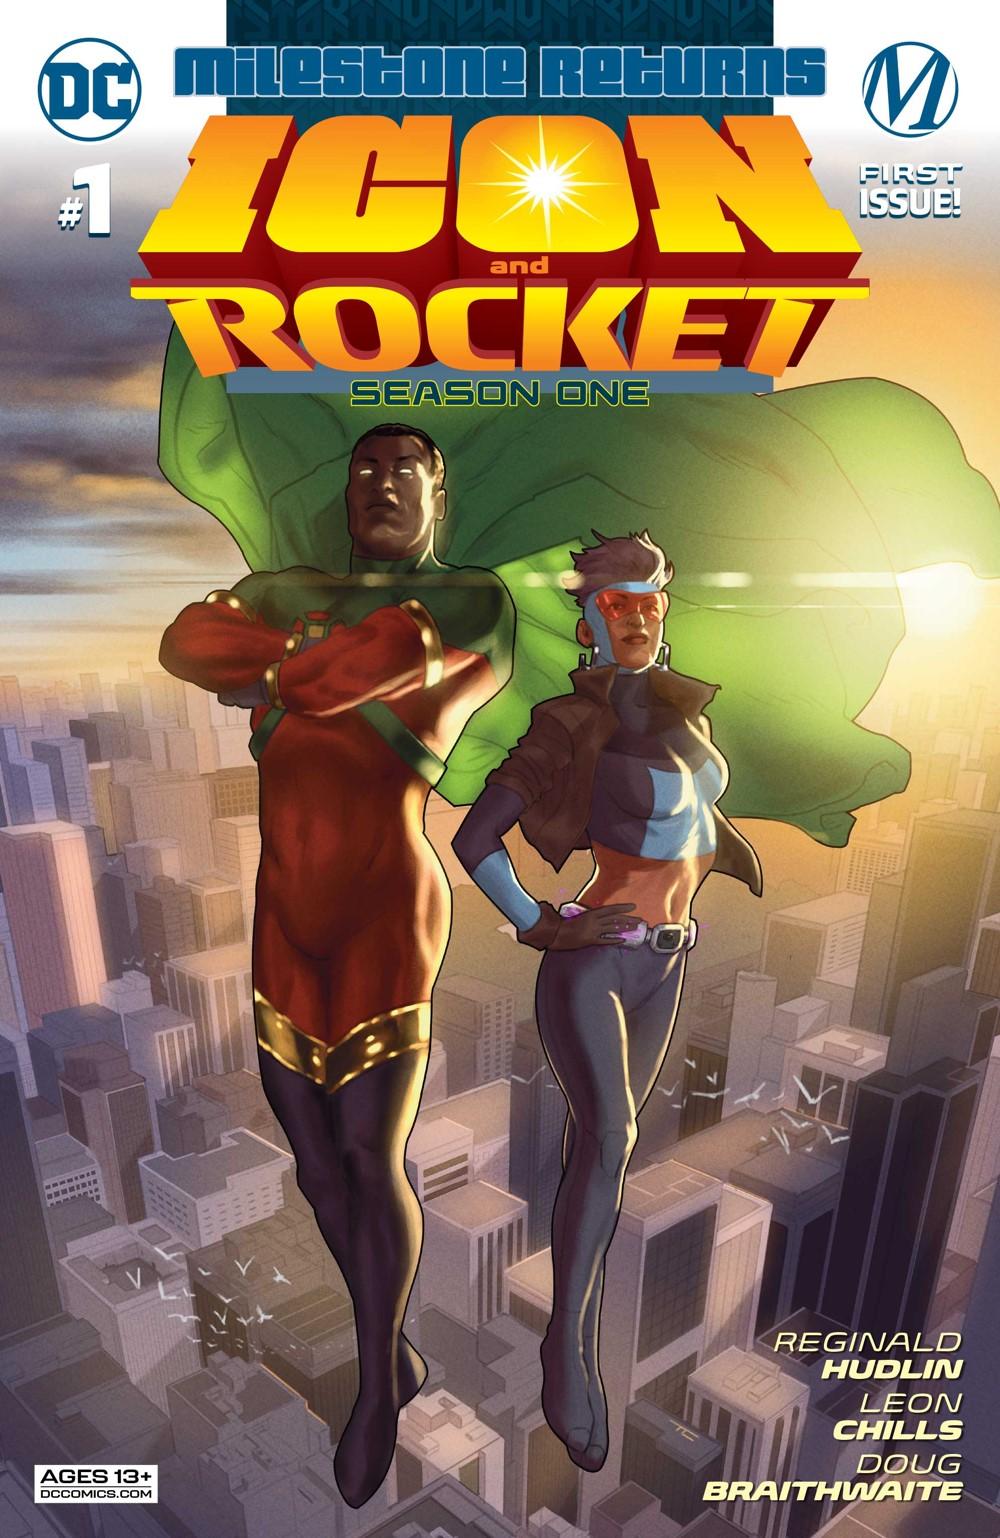 Icon-and-Rocket-Season-One-1-1_60fa1e8e4dcb18.46272138 ComicList Previews: ICON AND ROCKET SEASON ONE #1 (OF 6)